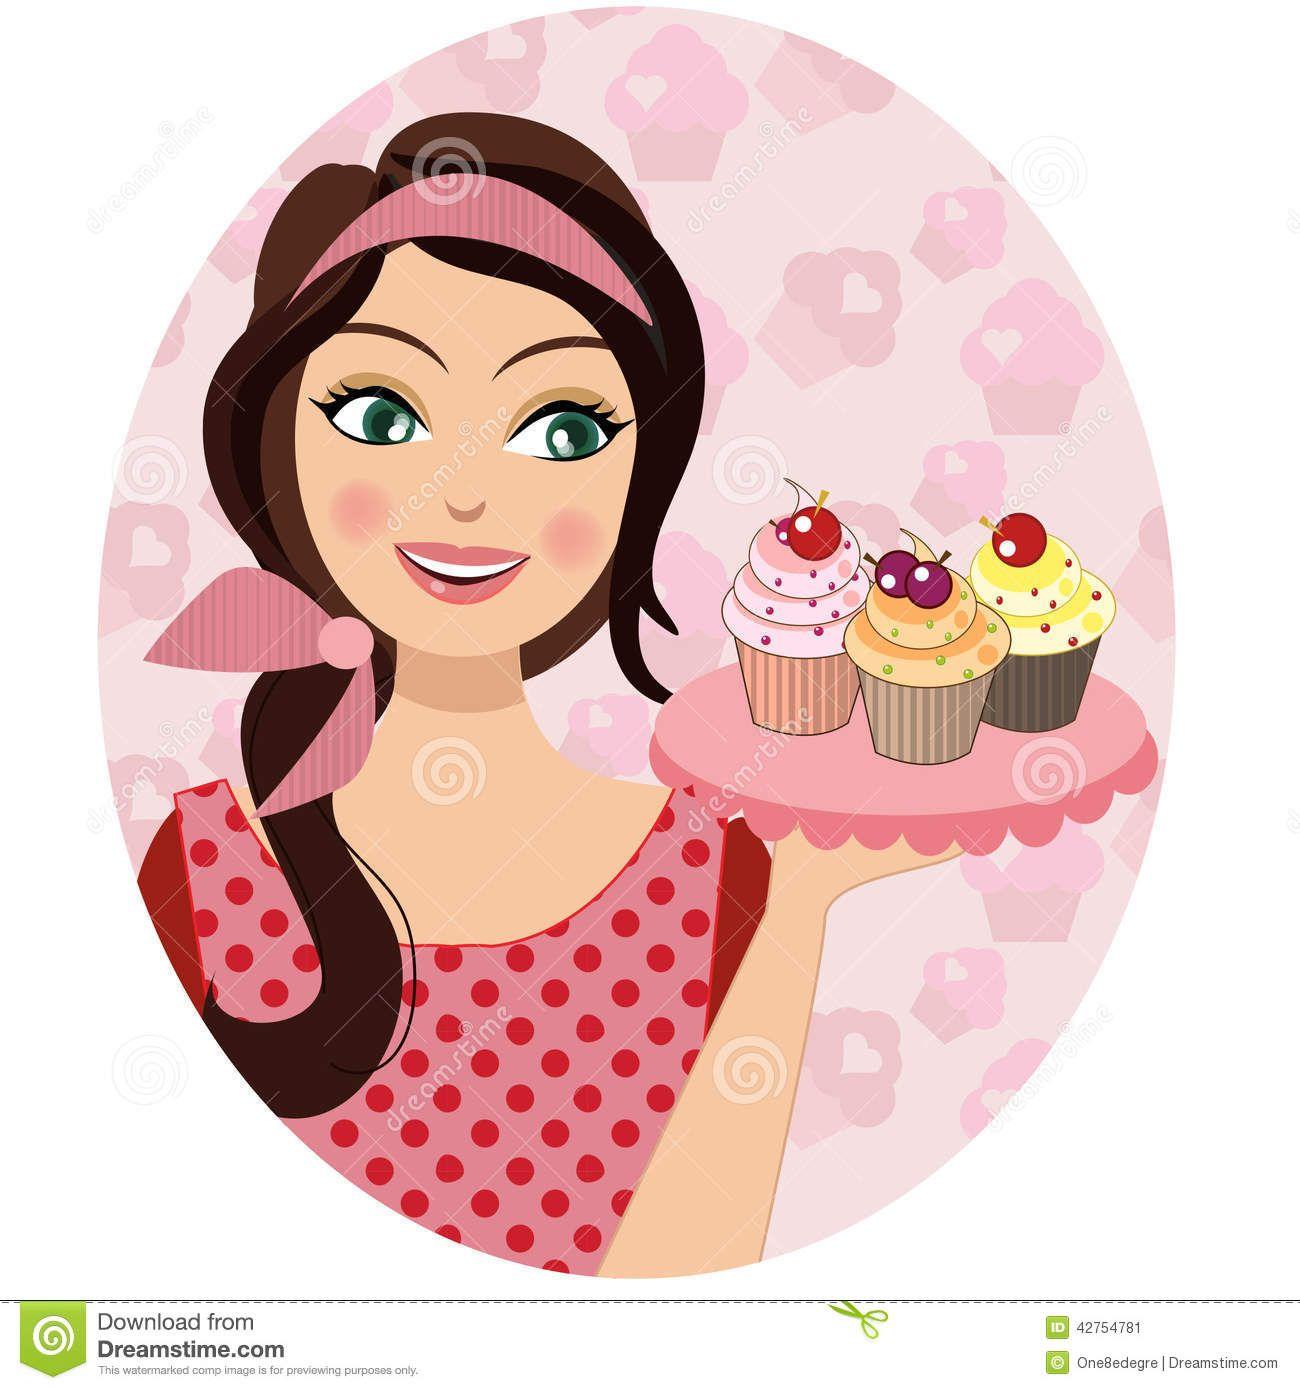 Baker clipart woman baker, Baker woman baker Transparent.